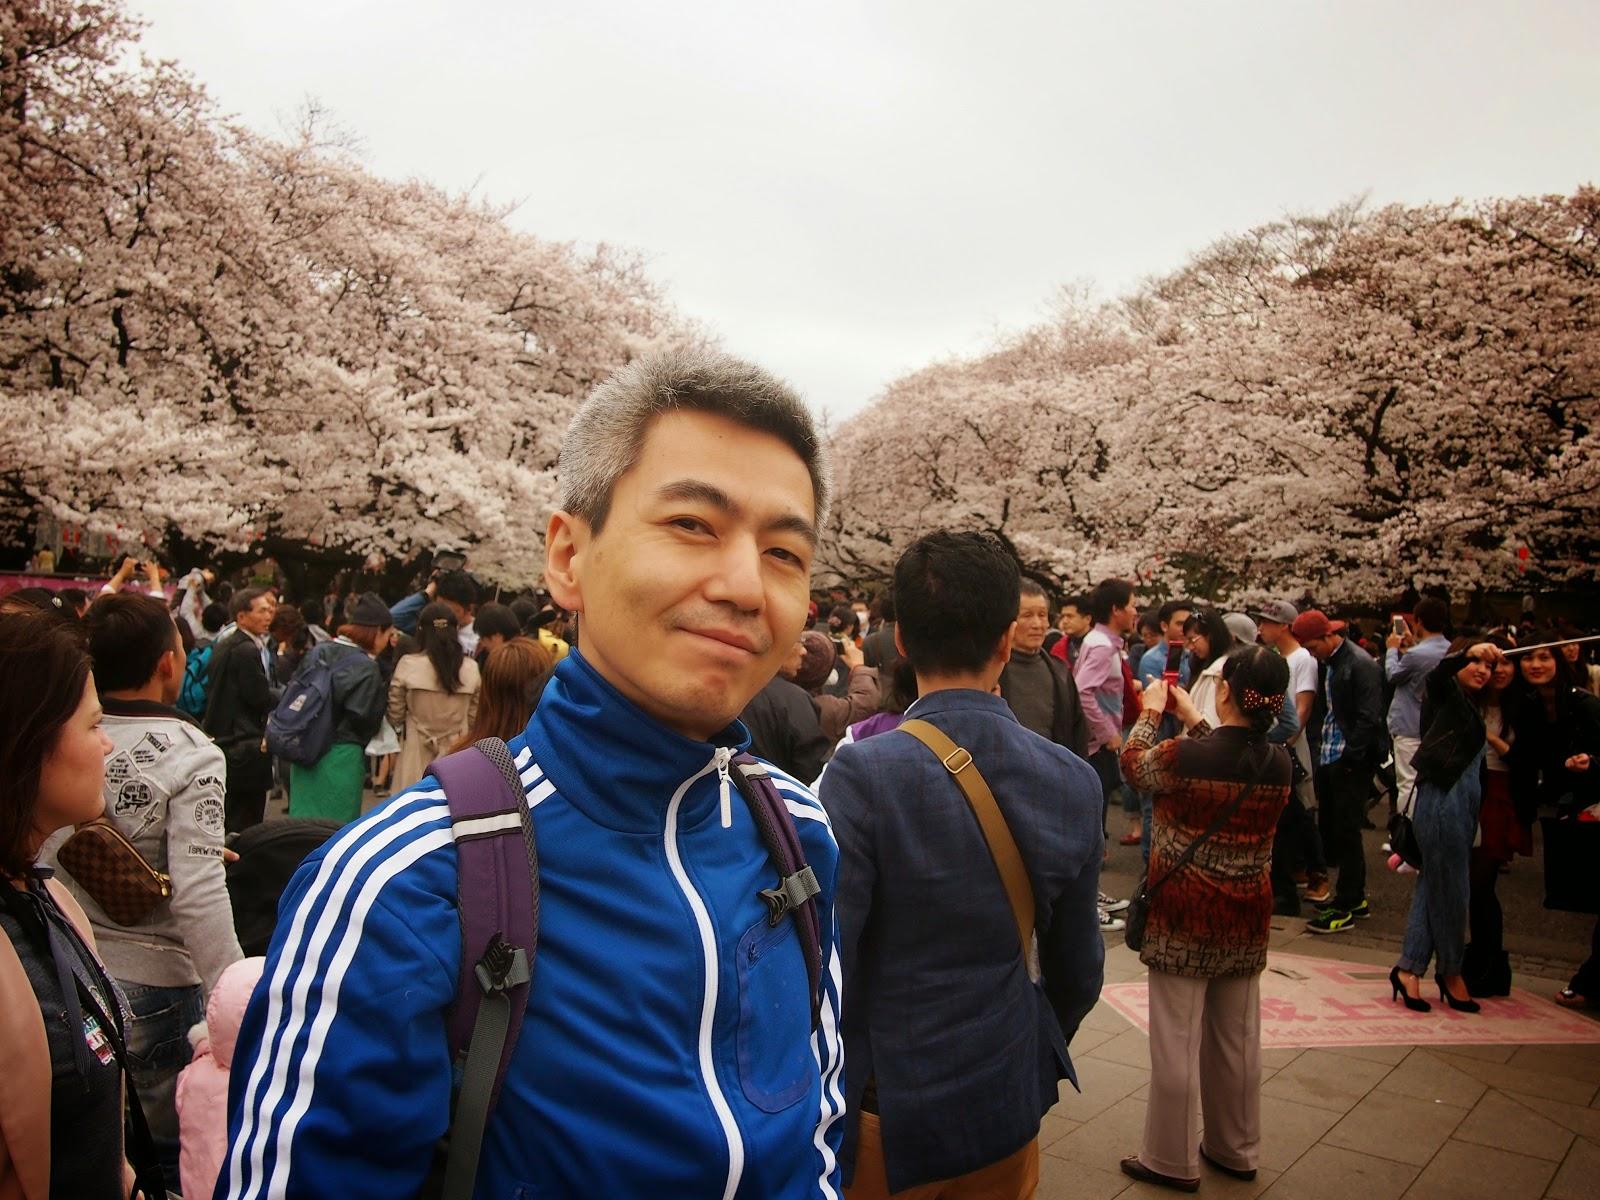 喜多直毅, 花見, 上野公園